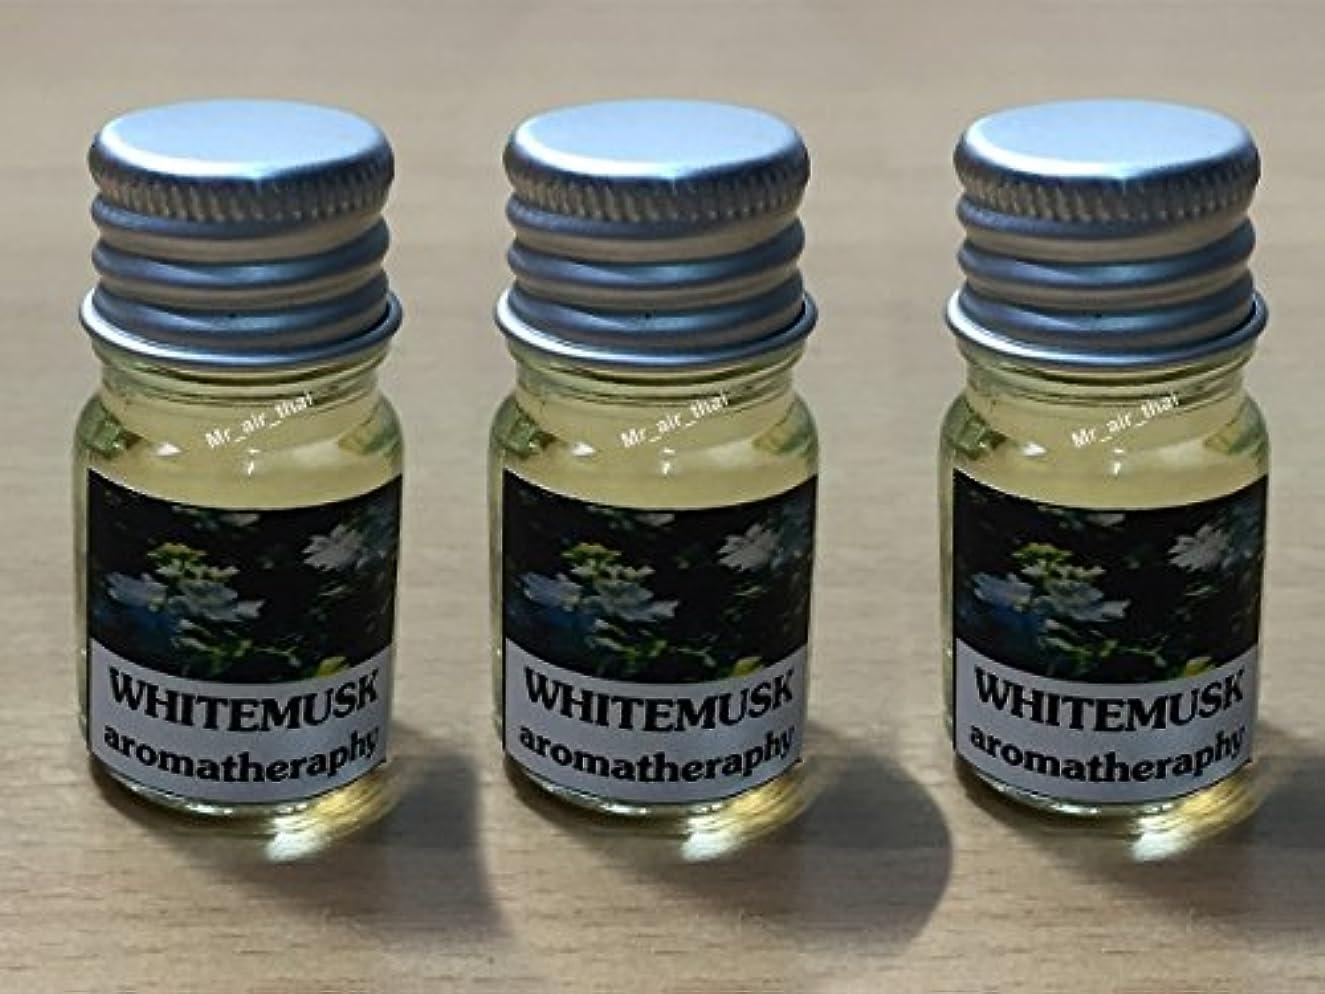 健康的脇に危険な3個セット,5ミリリットルアロマホワイトムスクフランクインセンスエッセンシャルオイルボトルアロマテラピーオイル自然自然 3PC 5ml Aroma Whitemusk Frankincense Essential Oil...